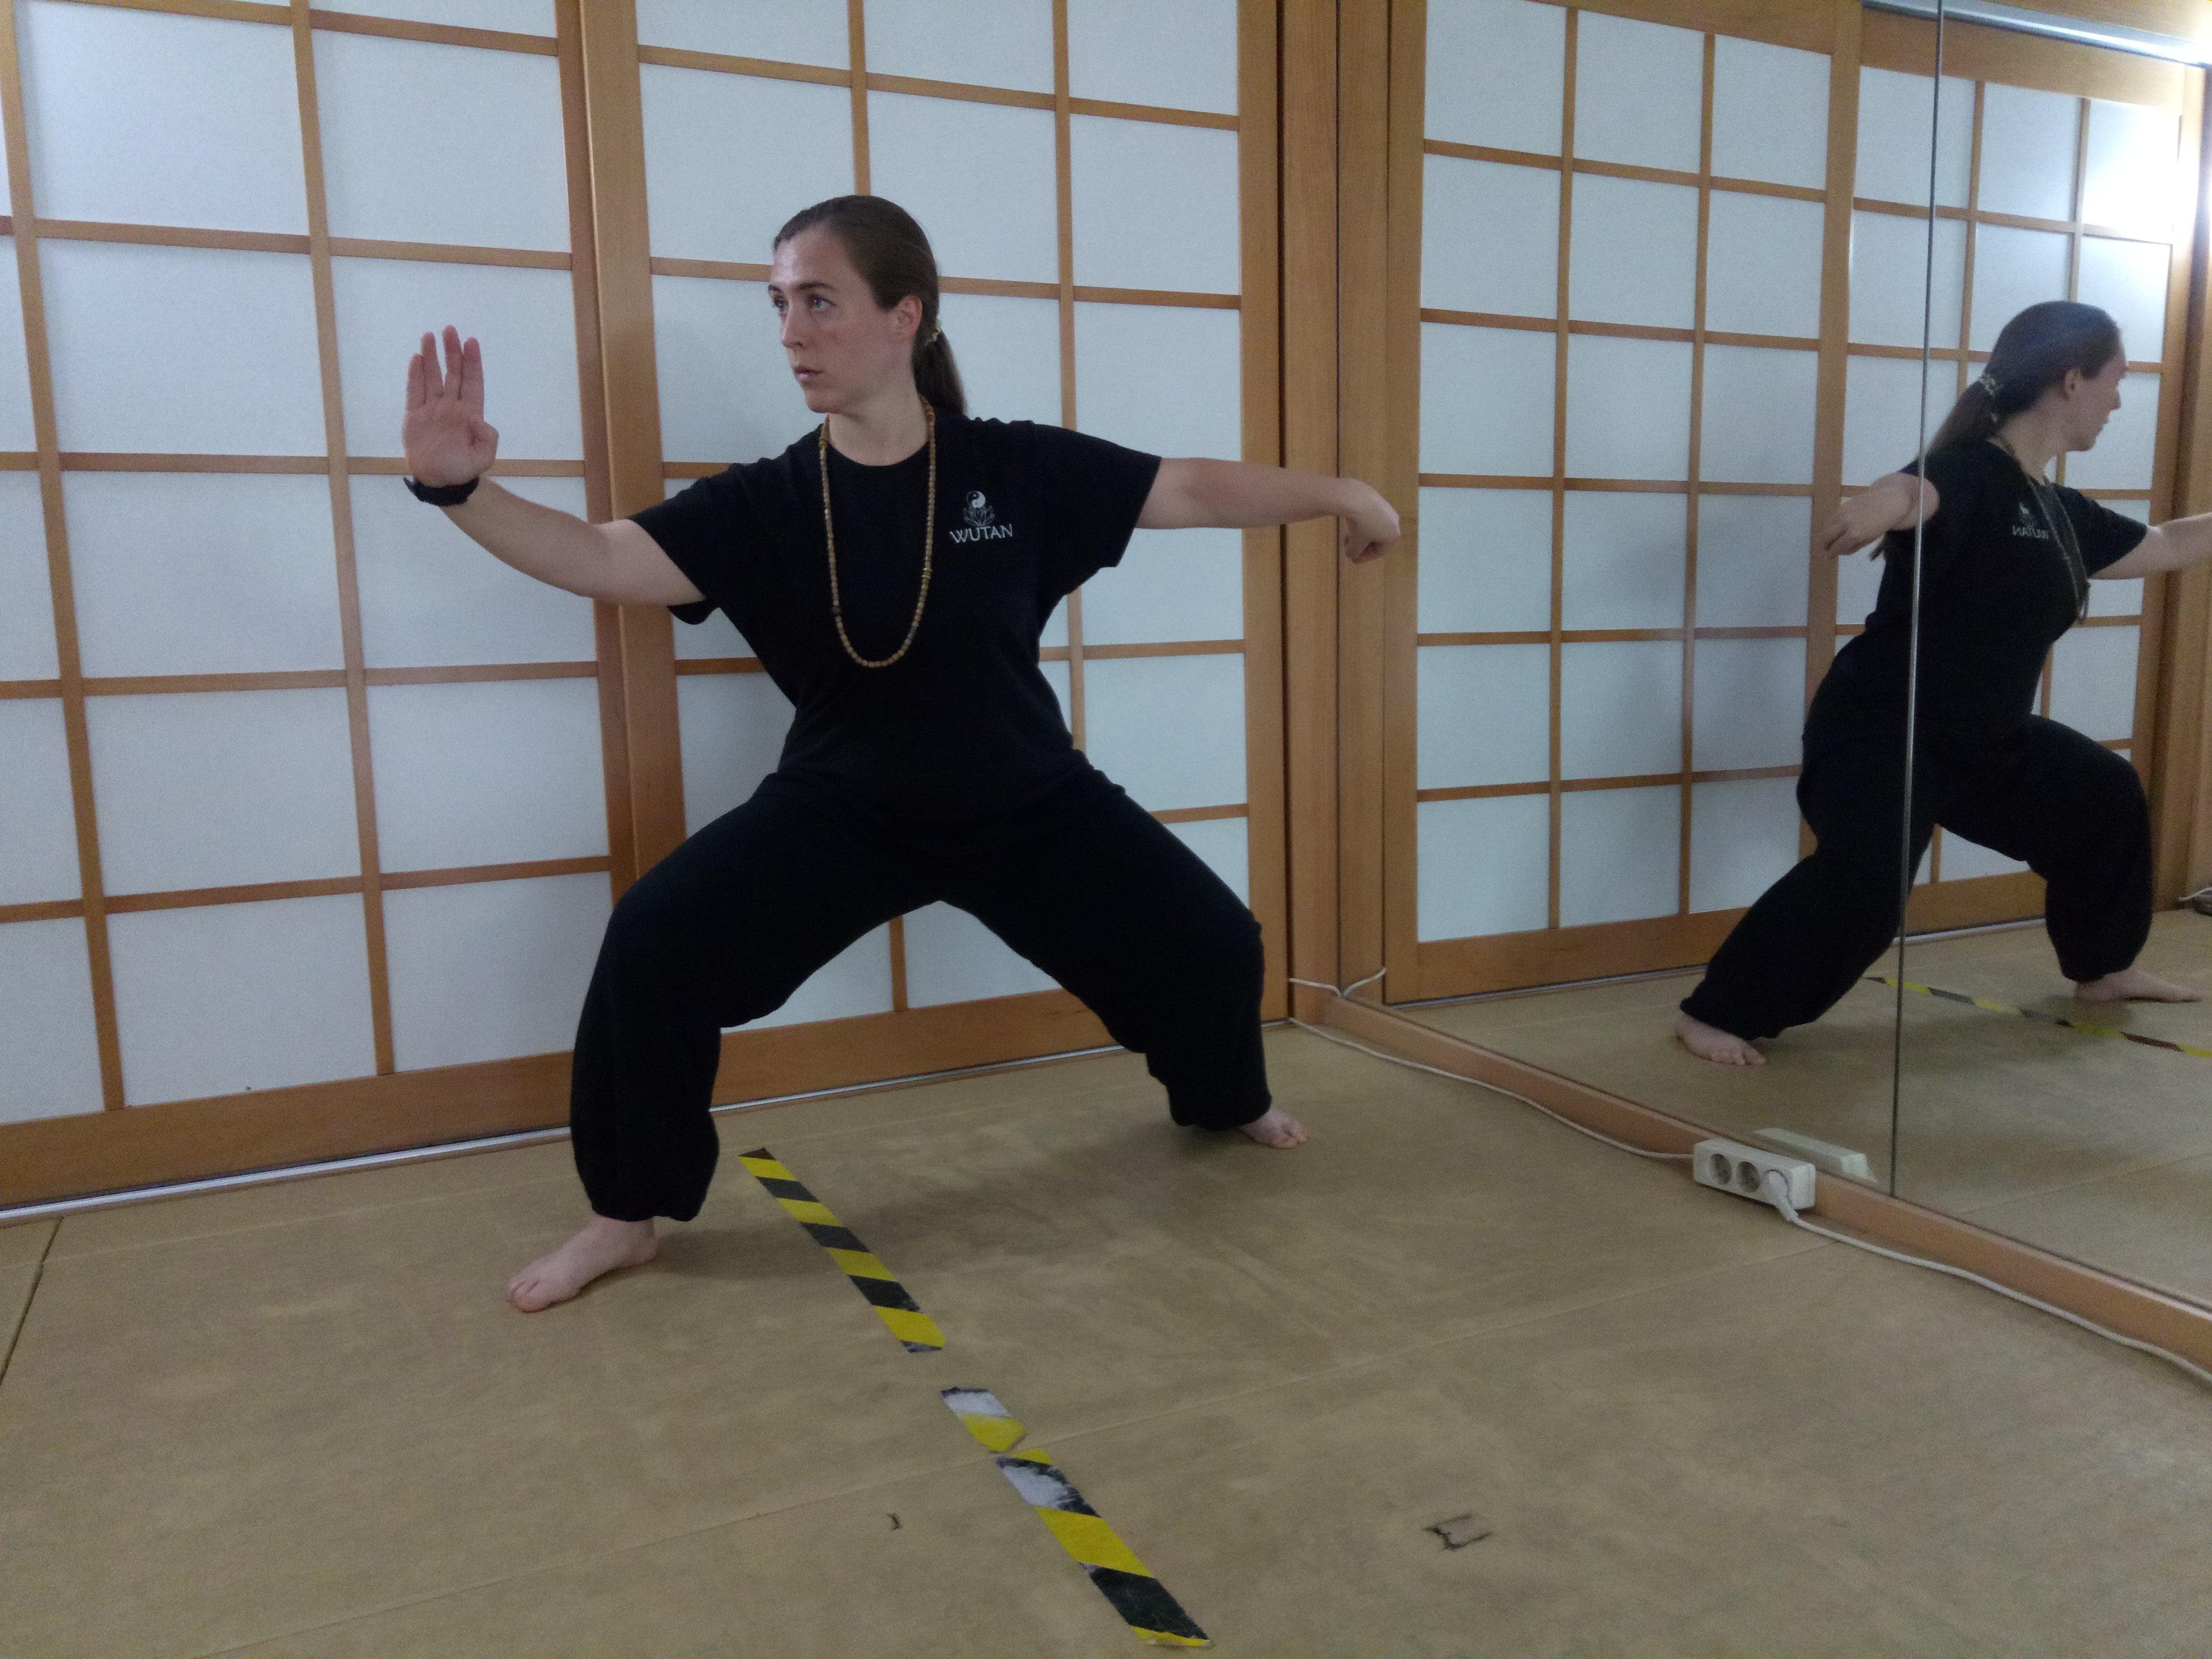 Mejora tu salud física y mental mediante las artes marciales - María Isabel Tienda Martínez-Cerrillo, profesora de Kung Fu en Córdoba.